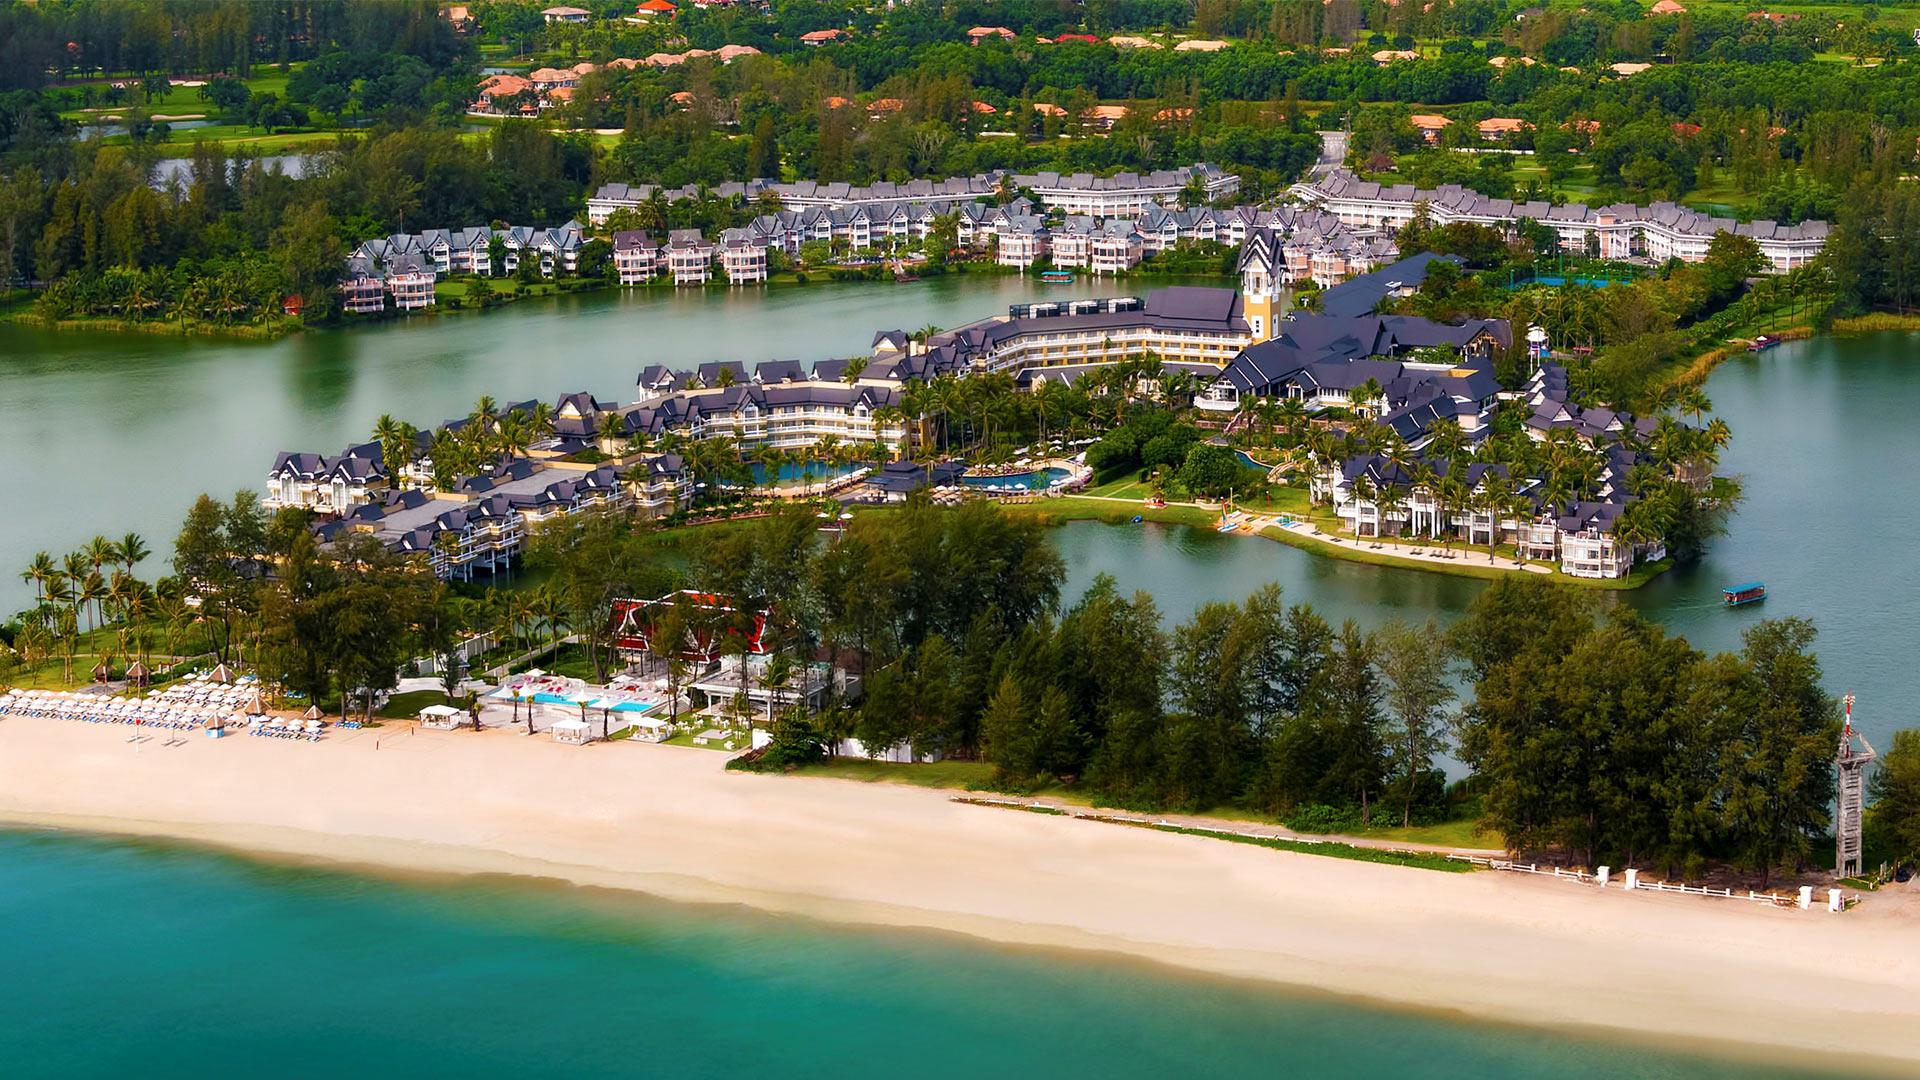 Amazing Resort in Phuket-Angsana Laguna Resort